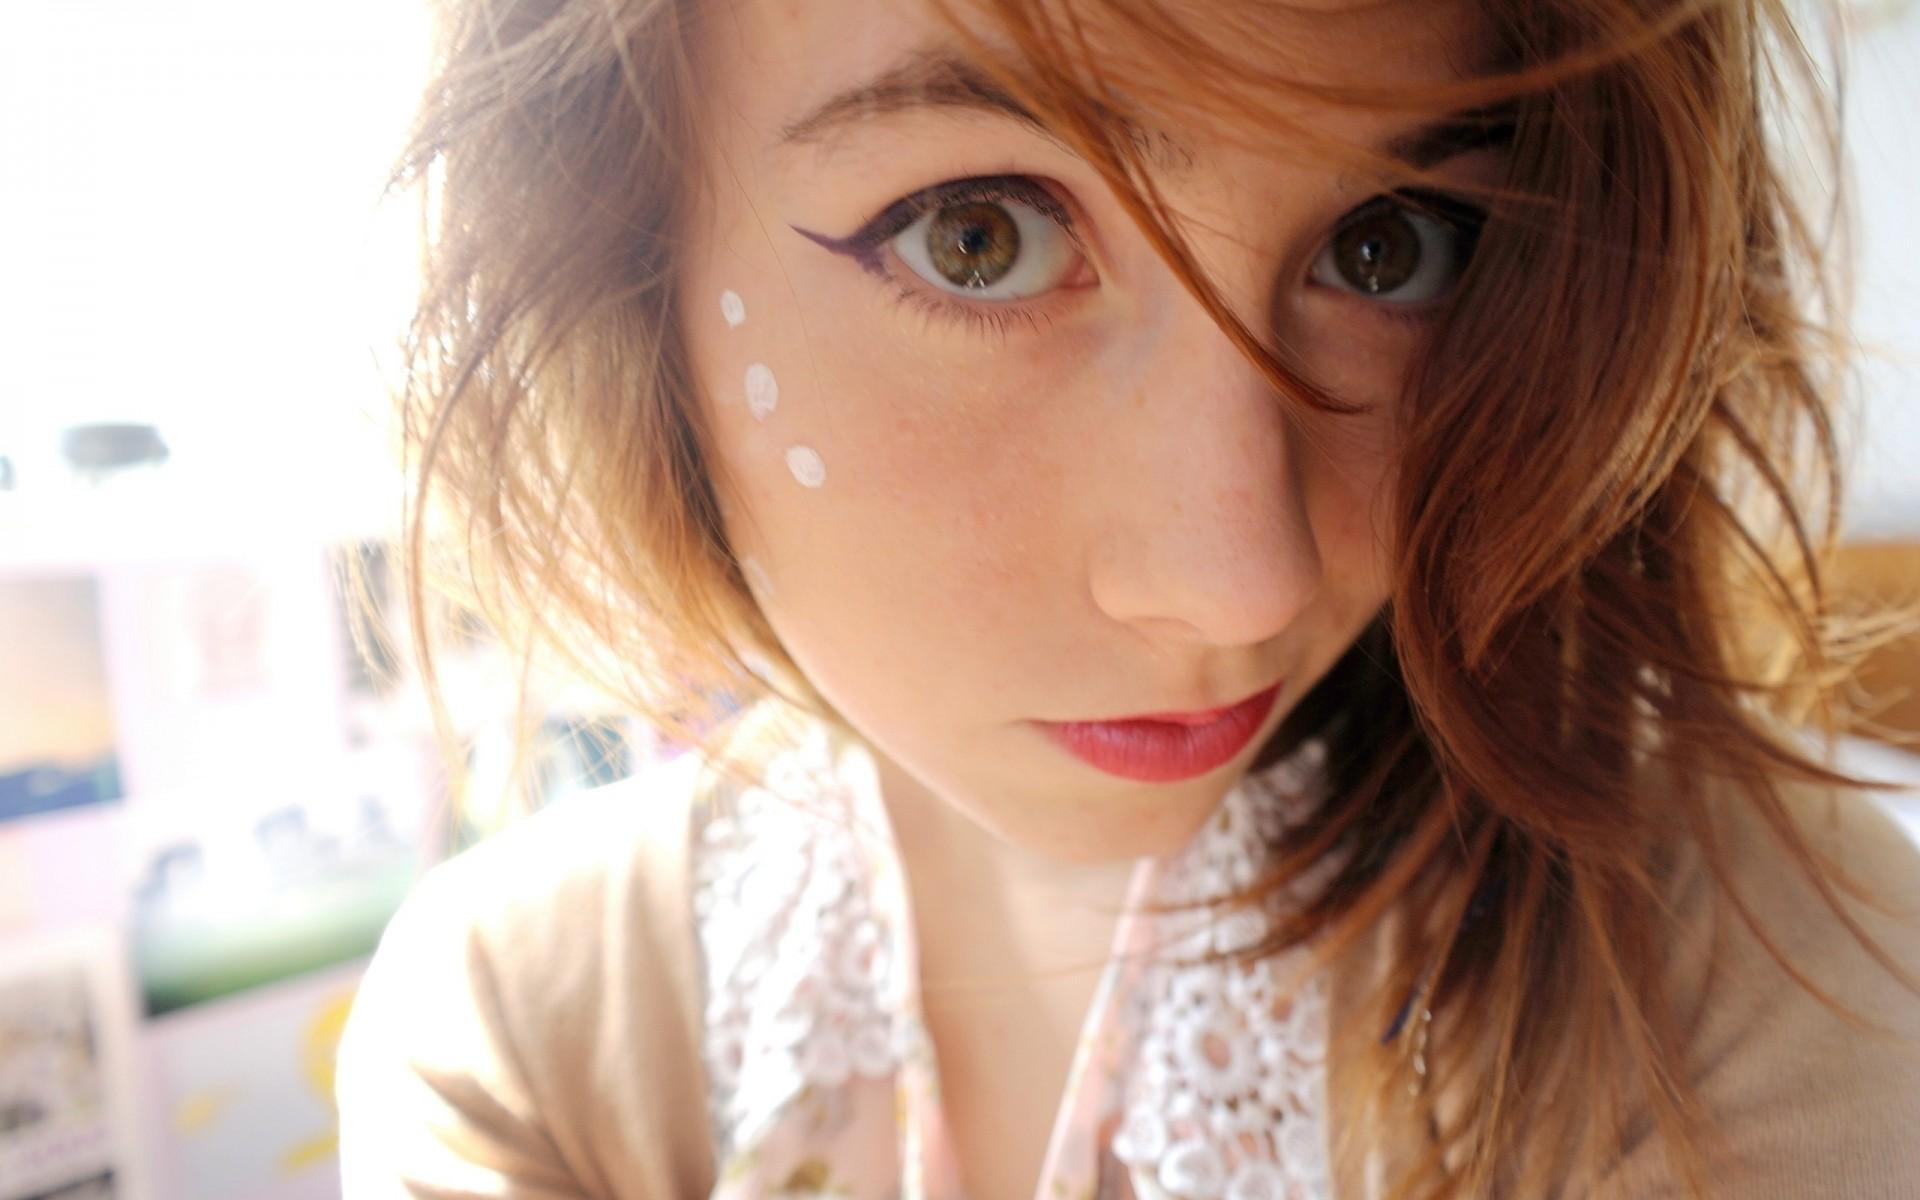 Сперма на лице милых девушек фото